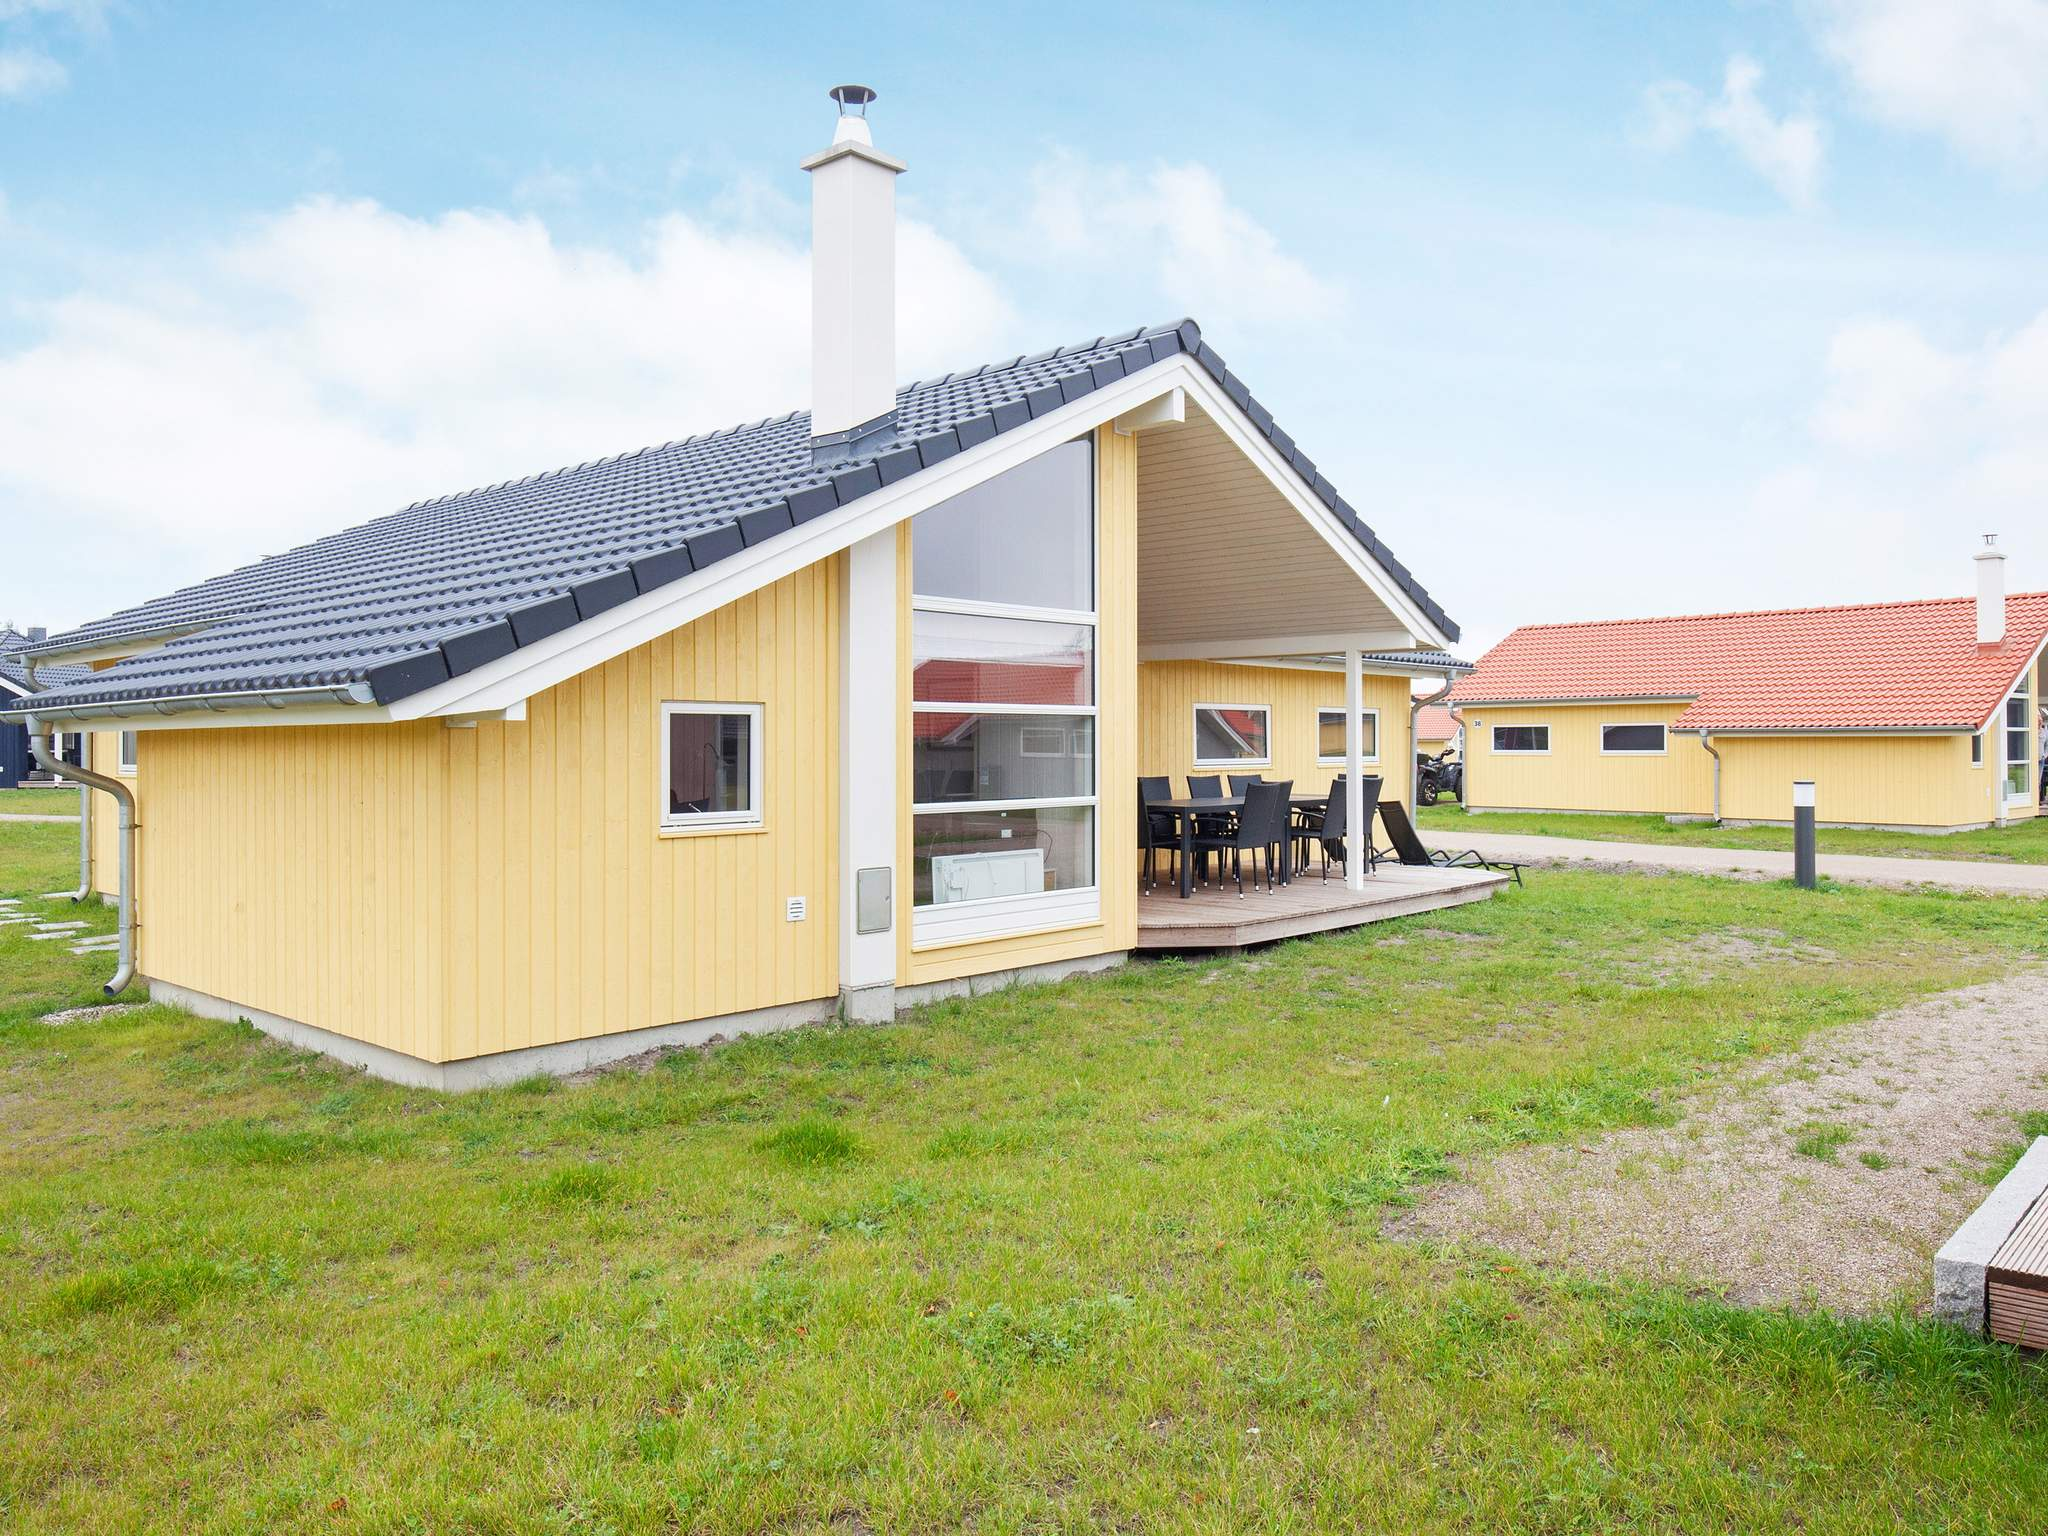 Ferienhaus Großenbrode (2355384), Großenbrode, Ostseespitze Wagrien, Schleswig-Holstein, Deutschland, Bild 27